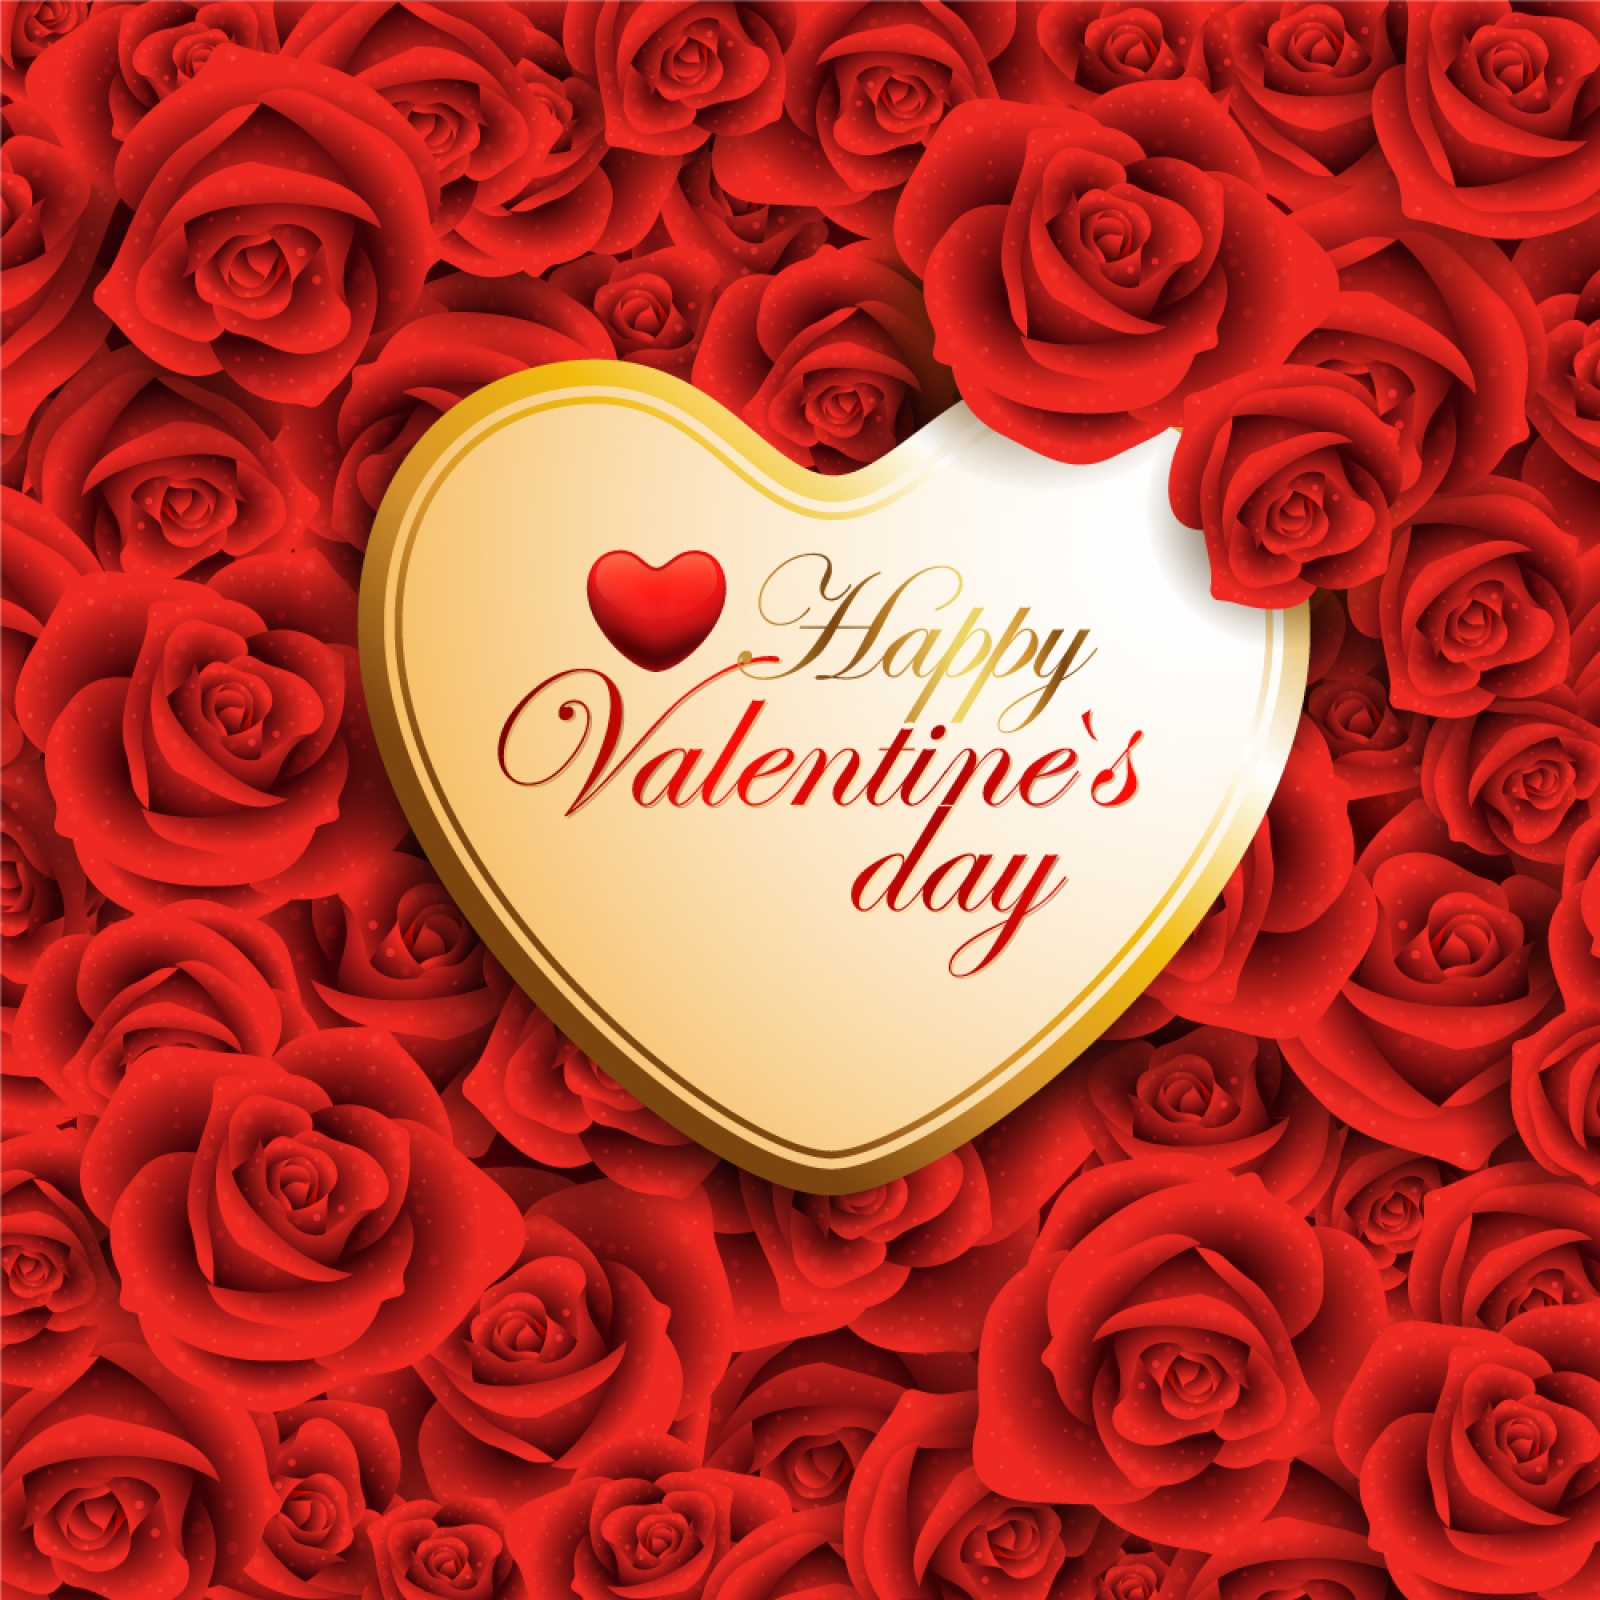 Valentines Day Wallpaper: Horse Valentine Wallpaper